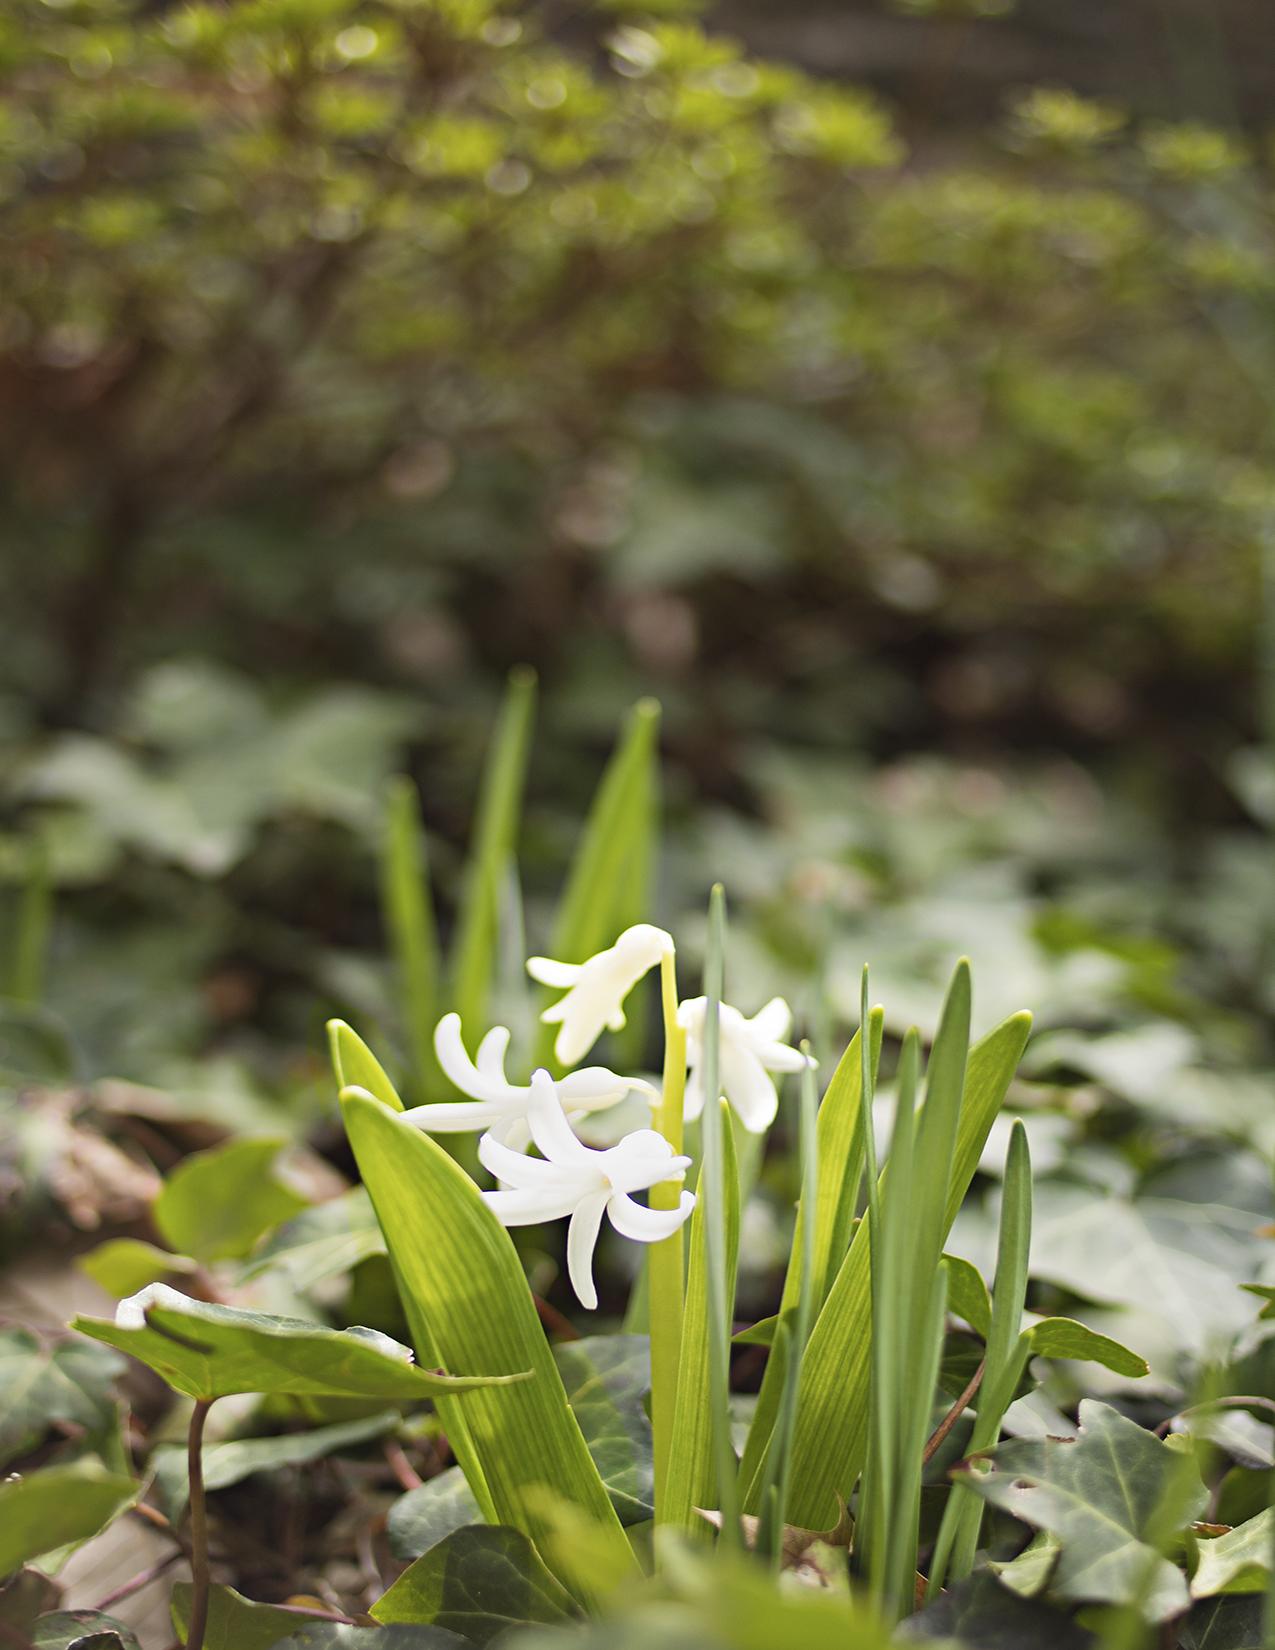 Eileen_Ko_Assignment_4_White_Petal_Flowers